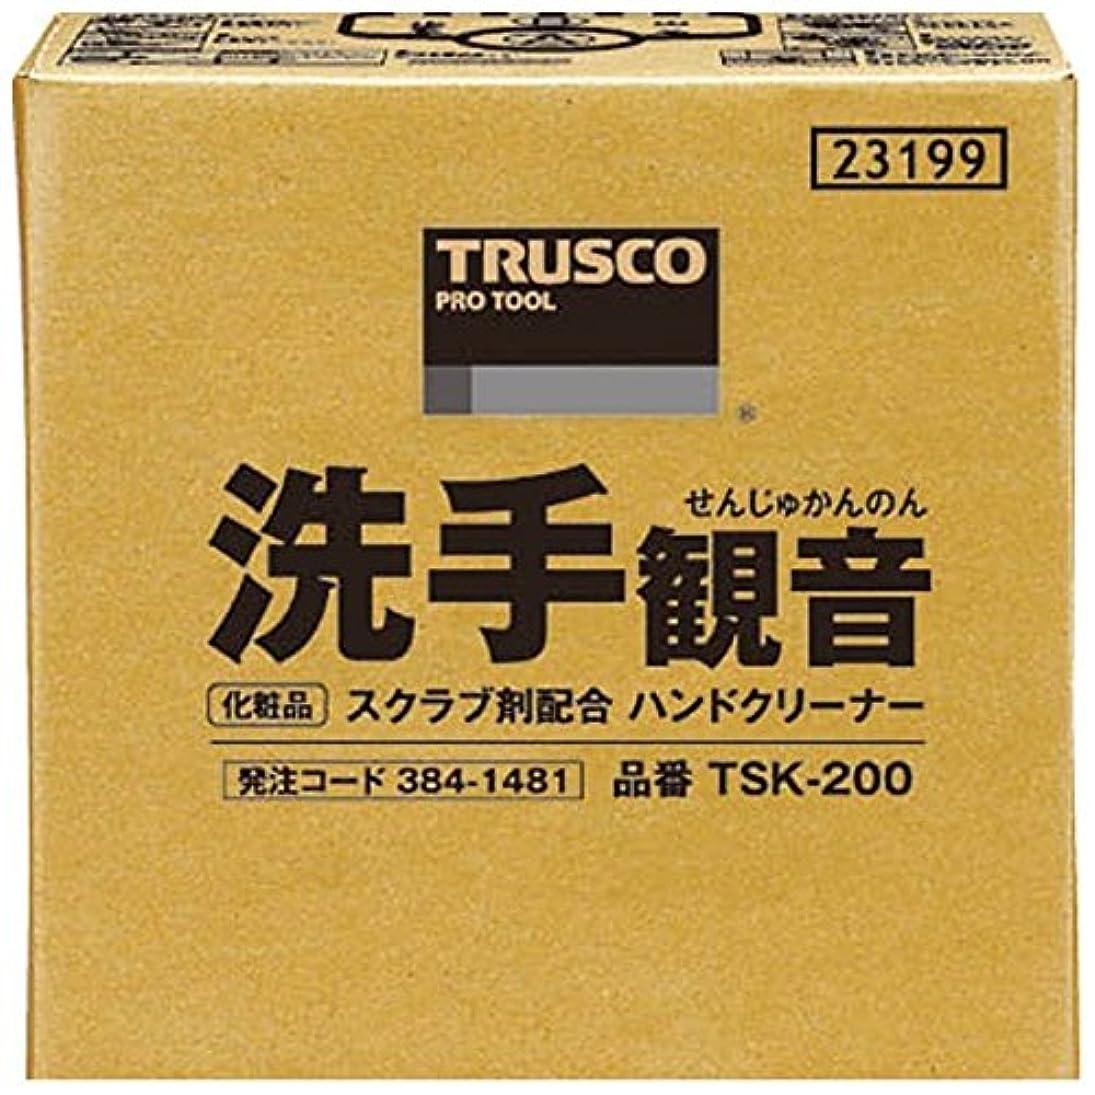 武装解除引き潮懐TRUSCO 洗手観音 20kg バックインボックス TSK-200